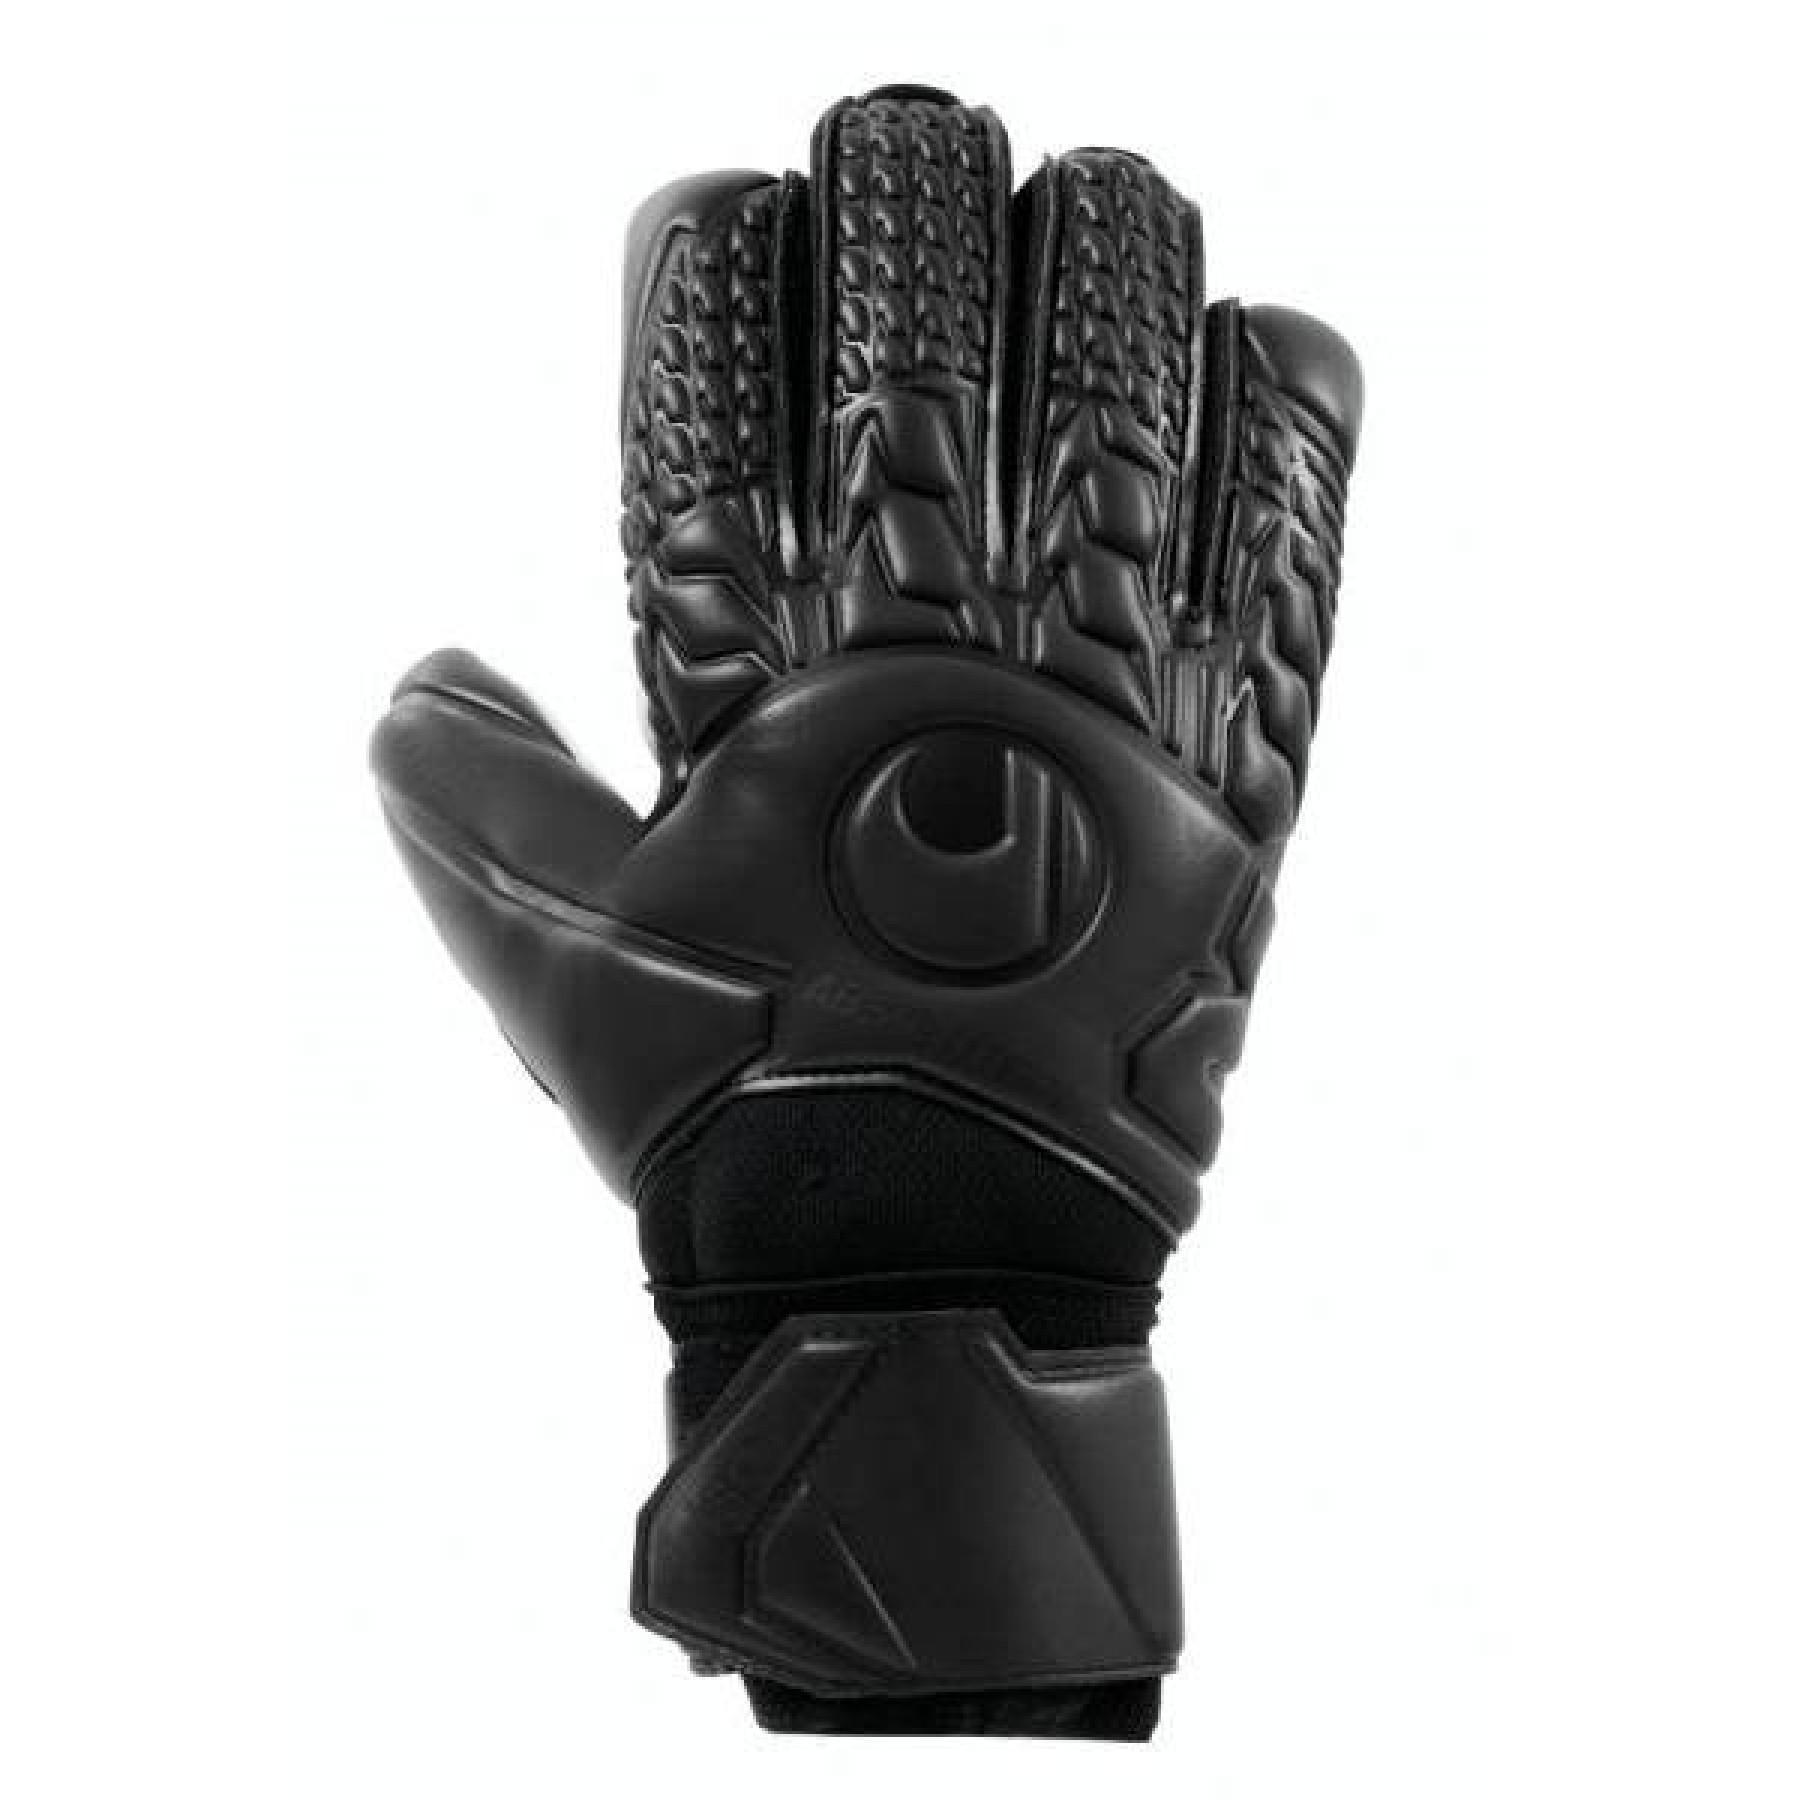 Goalkeeper gloves Uhlsport Comfort Absolutgrip